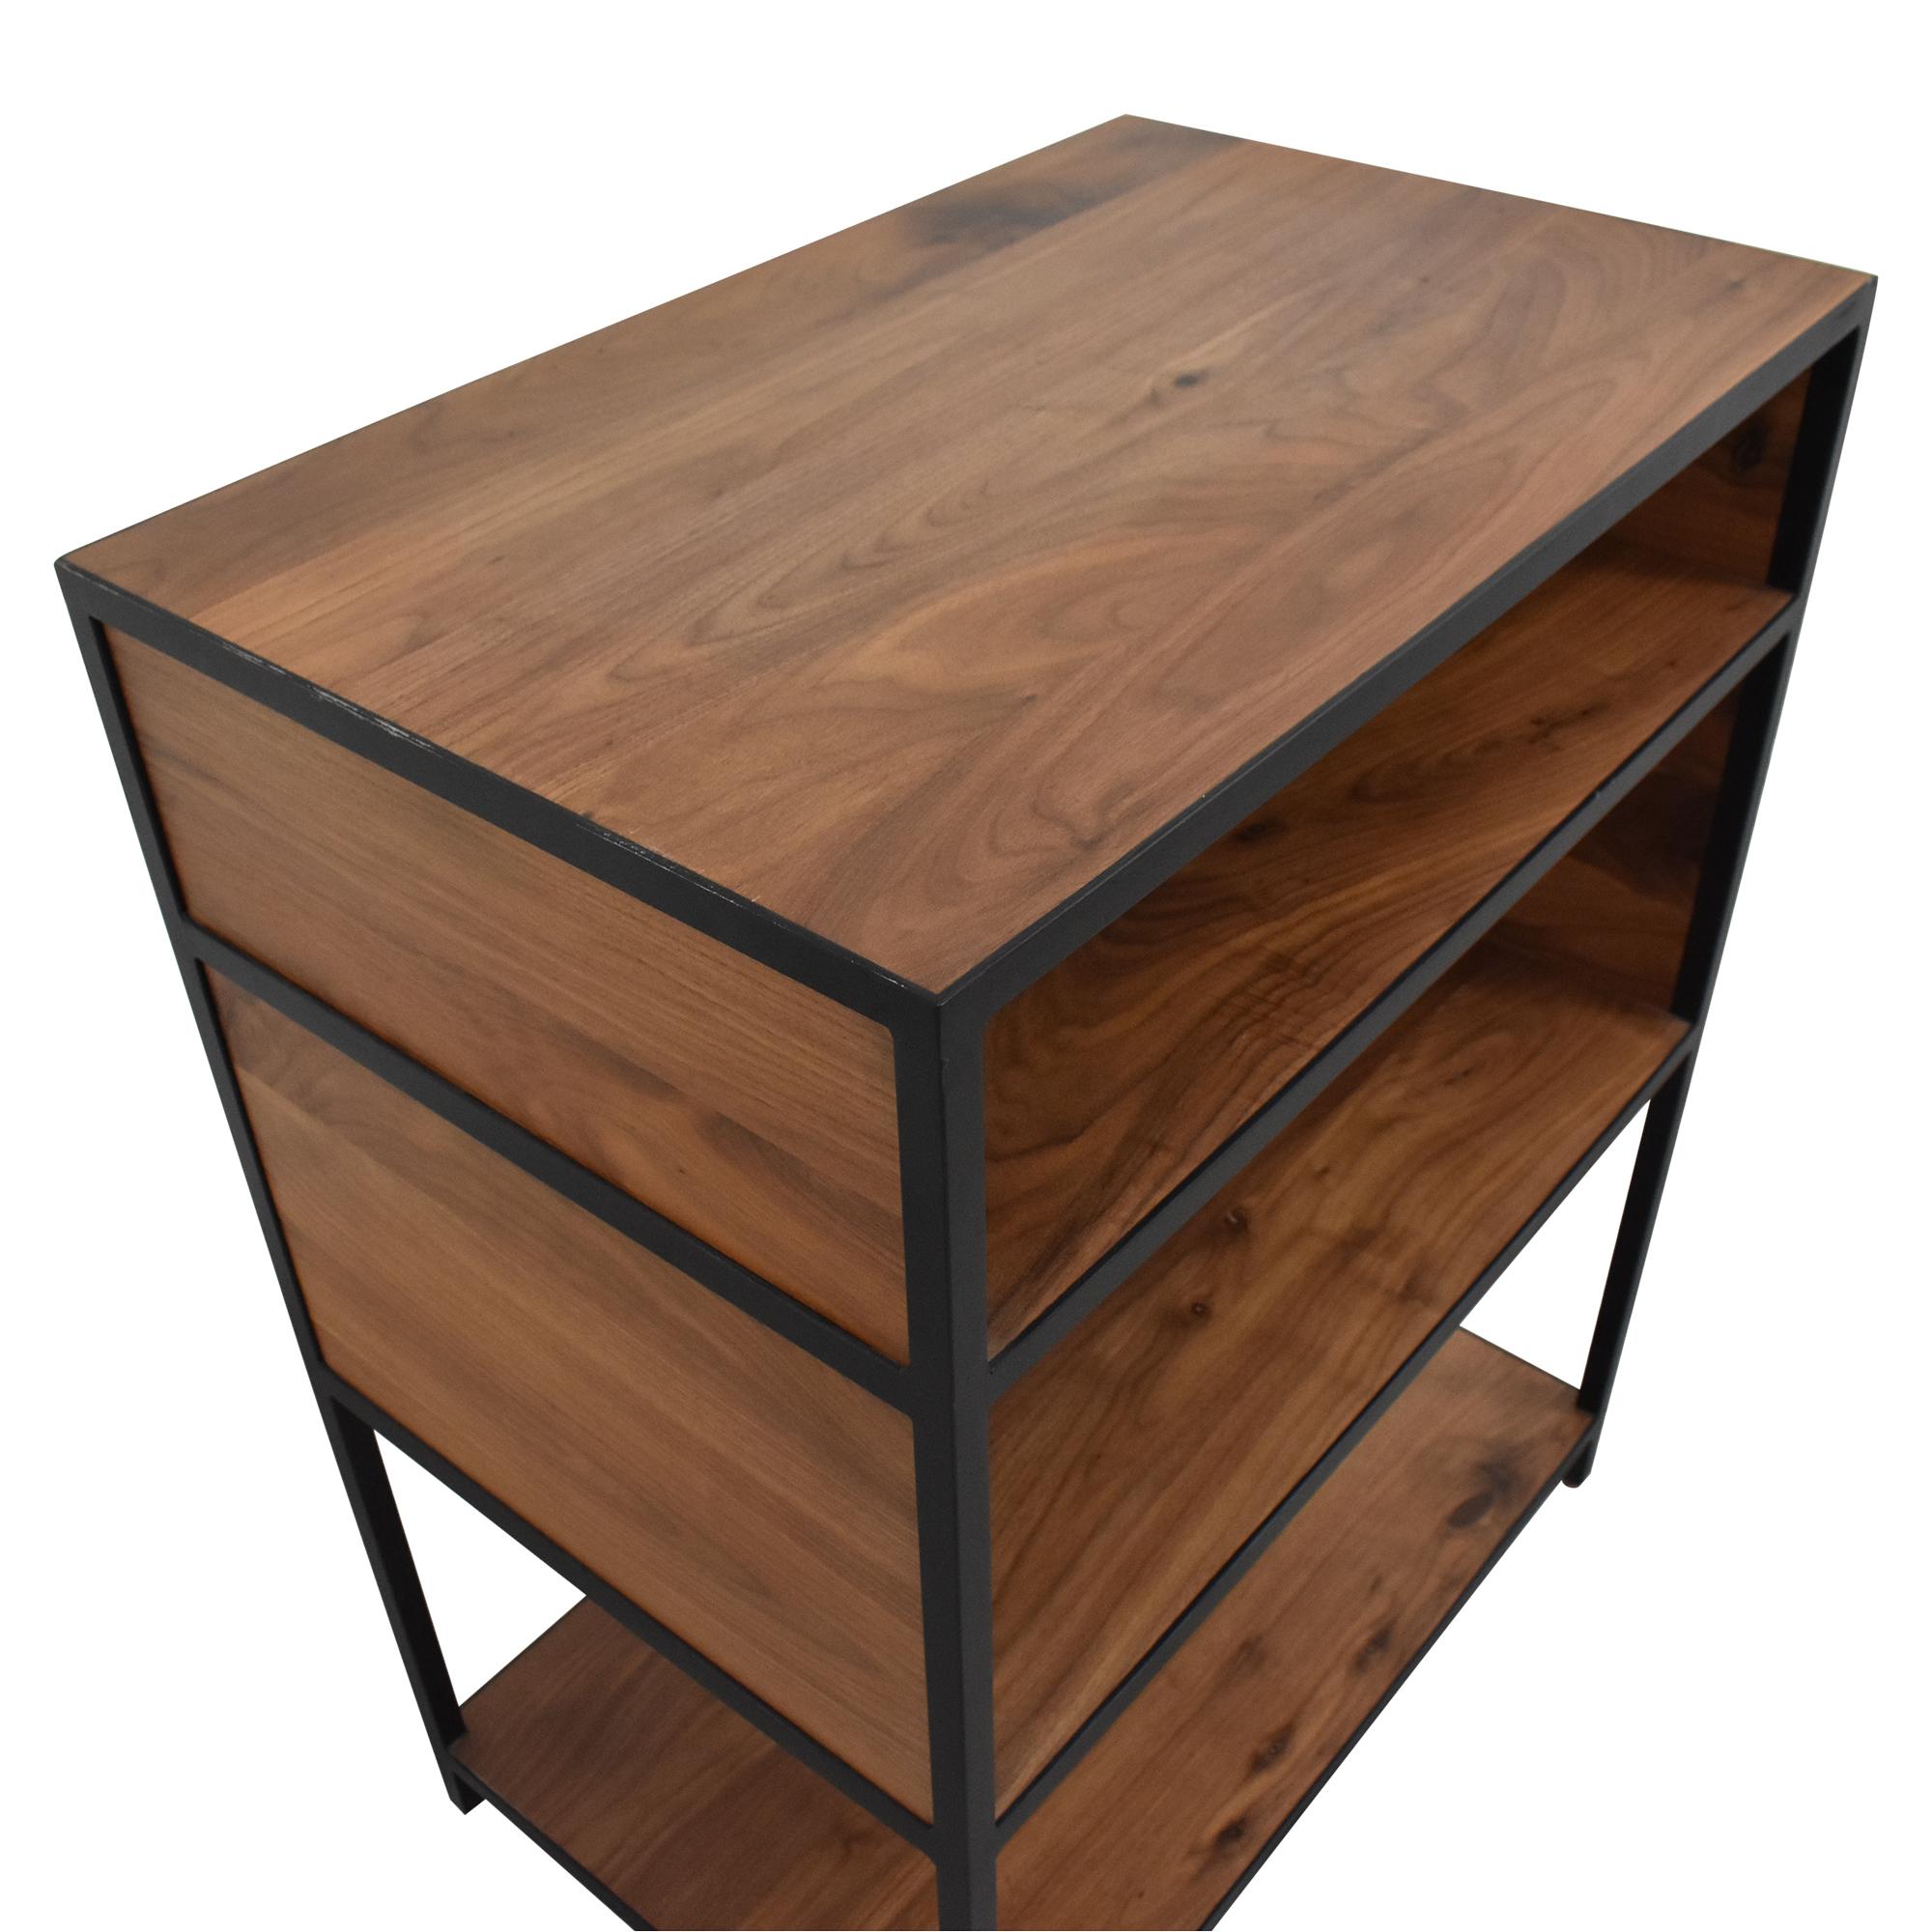 Crate & Barrel Knox Low Open Bookcase Crate & Barrel